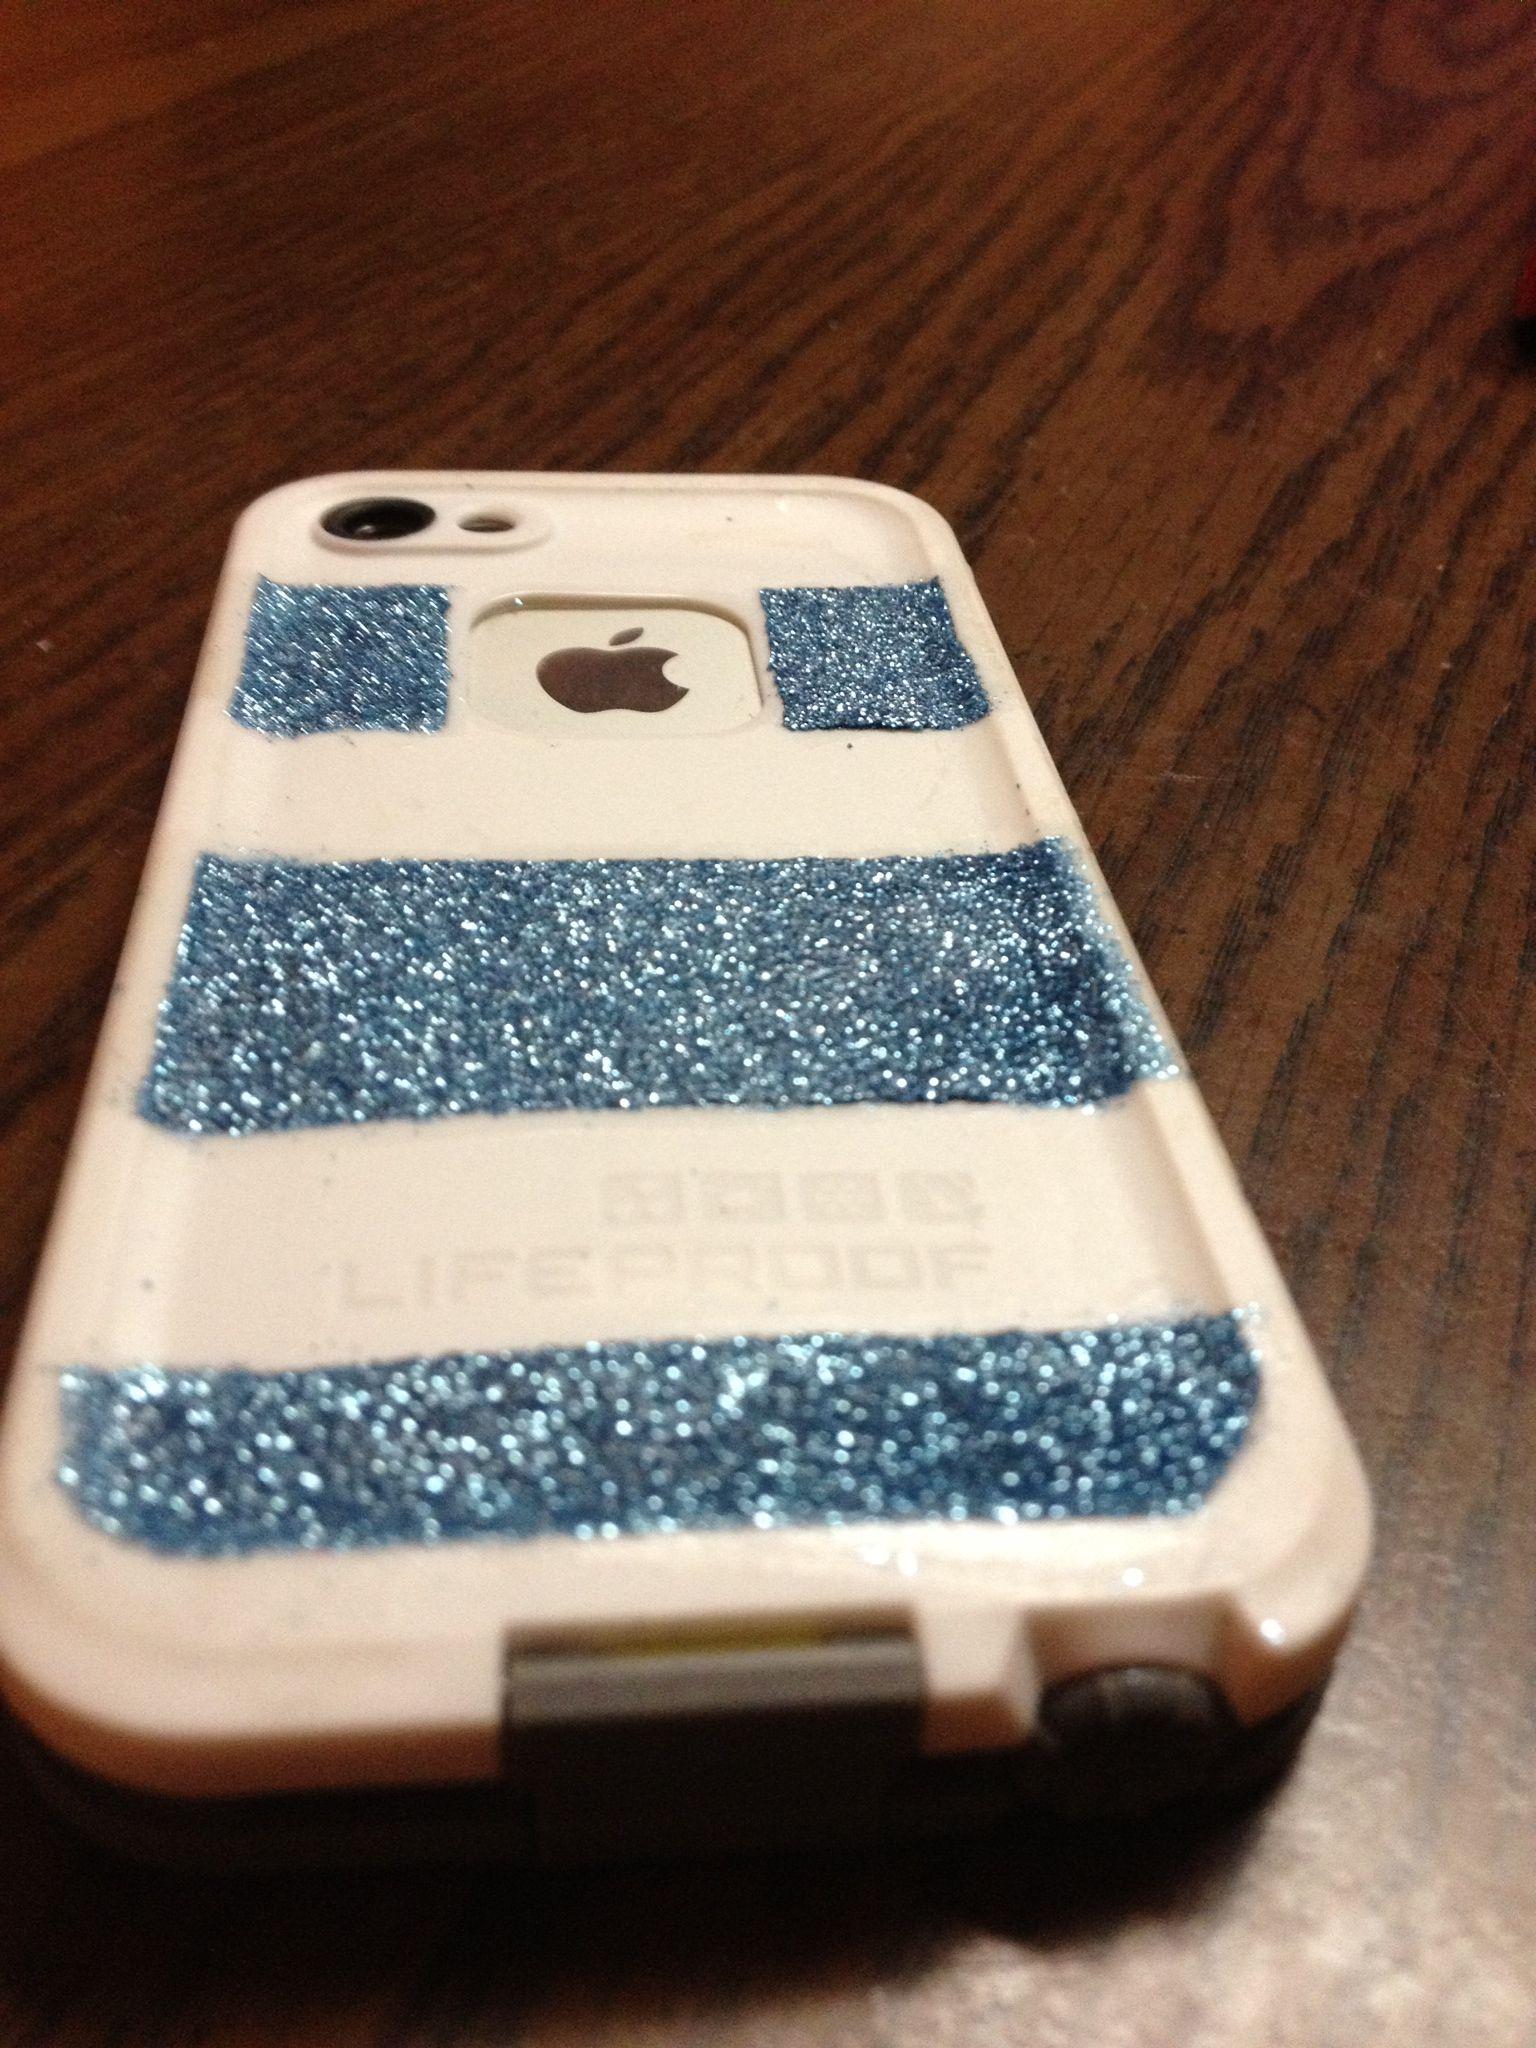 new arrival 1f98c d618e Custom lifeproof case. #sparkle #iPhone #5 #lifeproof #case #custom ...